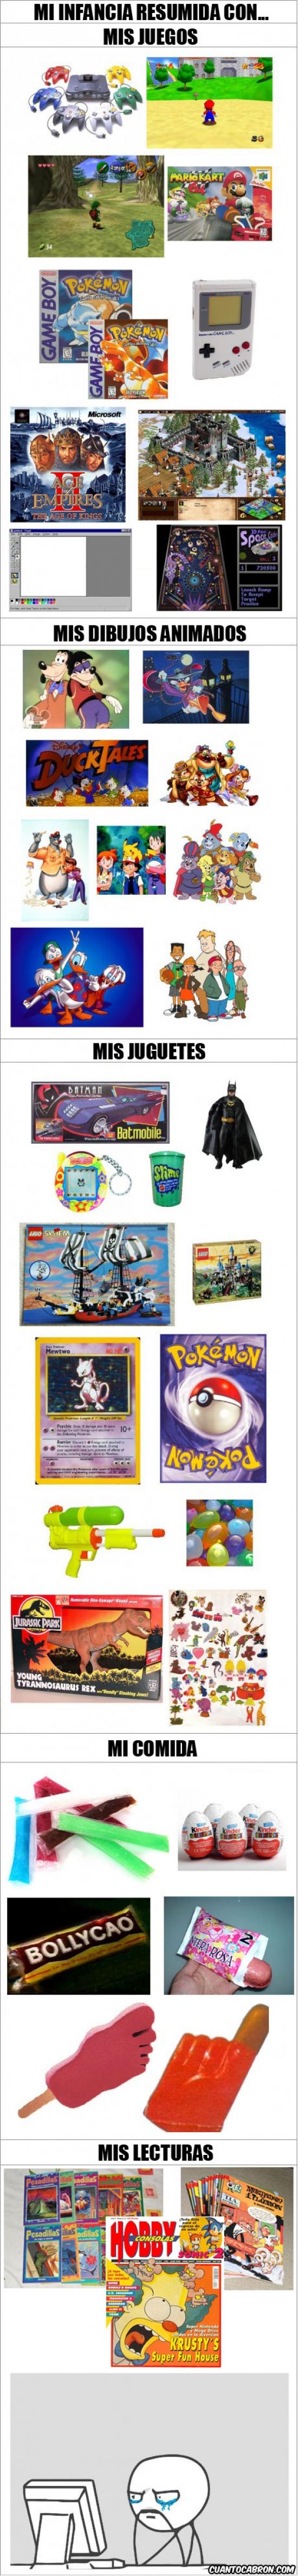 años 90,buenos recuerdos,comida,dibujos animados,infancia,juegos,juguetes,lecturas,nostalgia,resumida